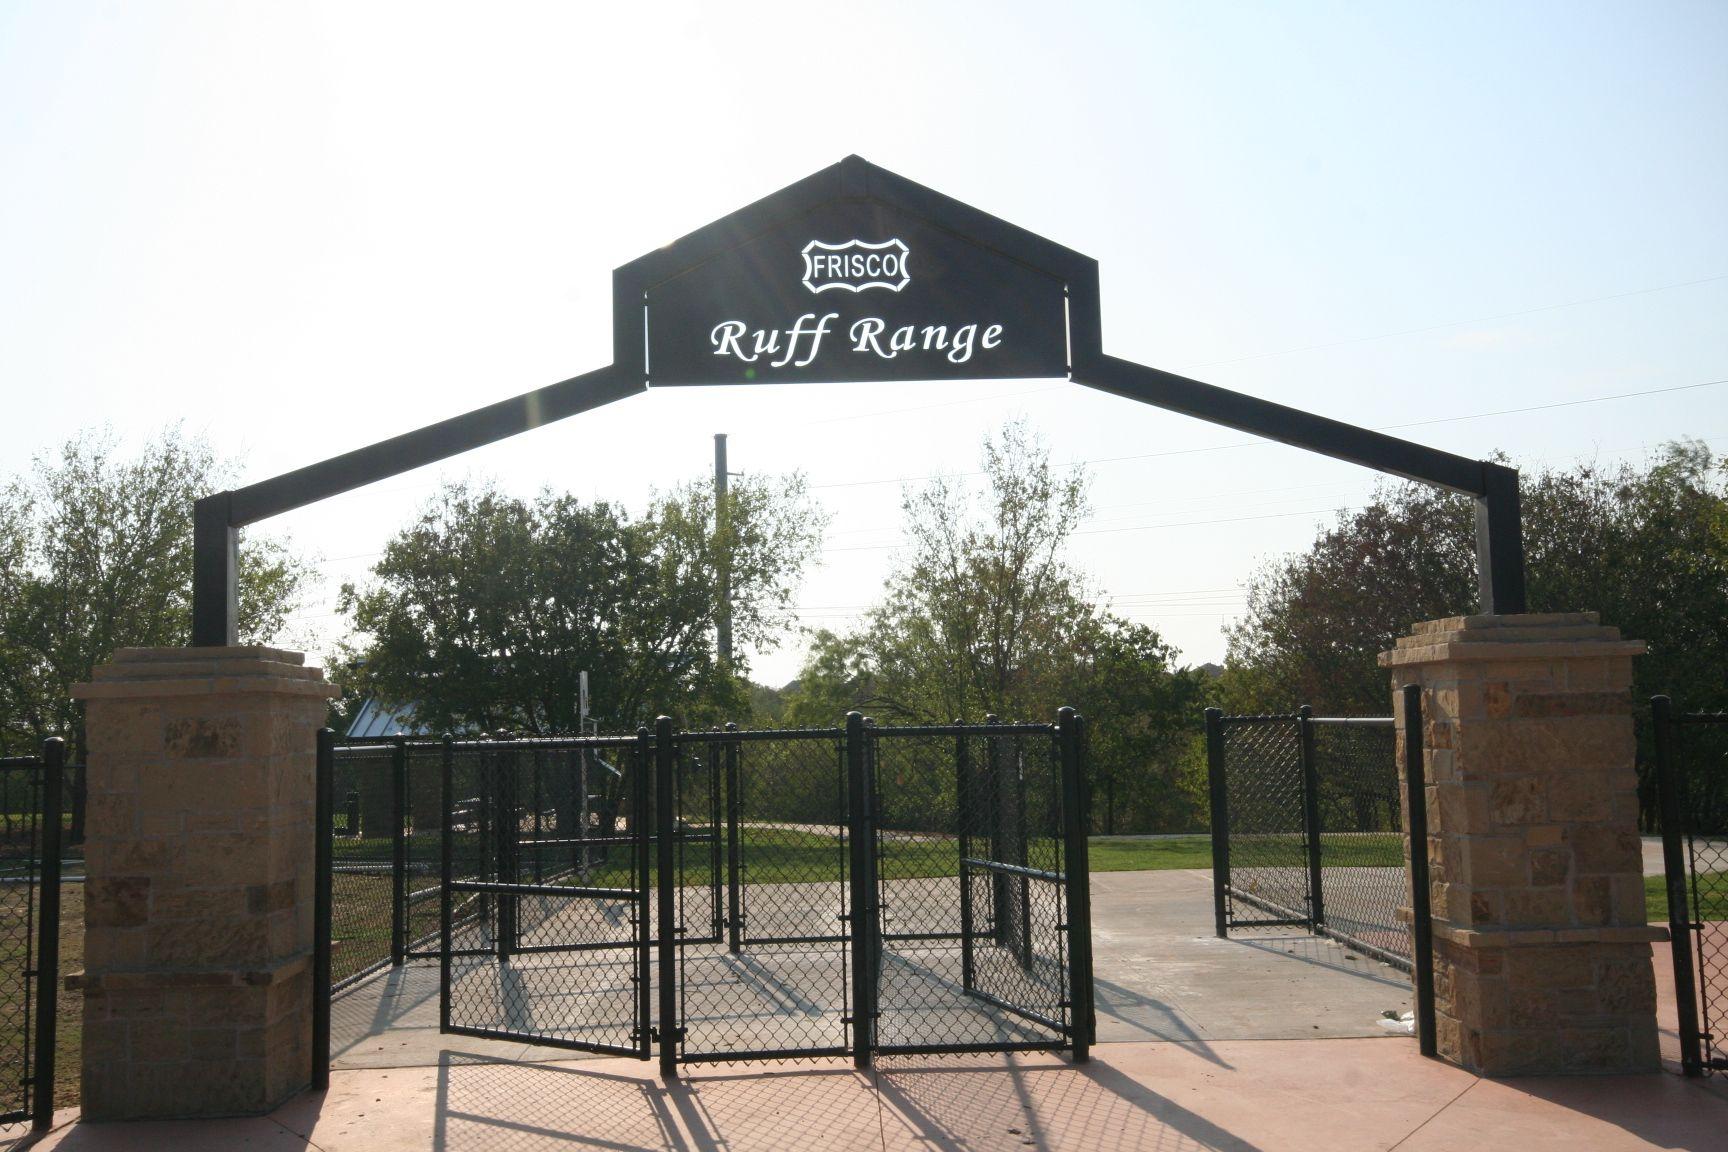 Ruff Range Frisco S New Dog Park Amazing Dog Park Outdoor